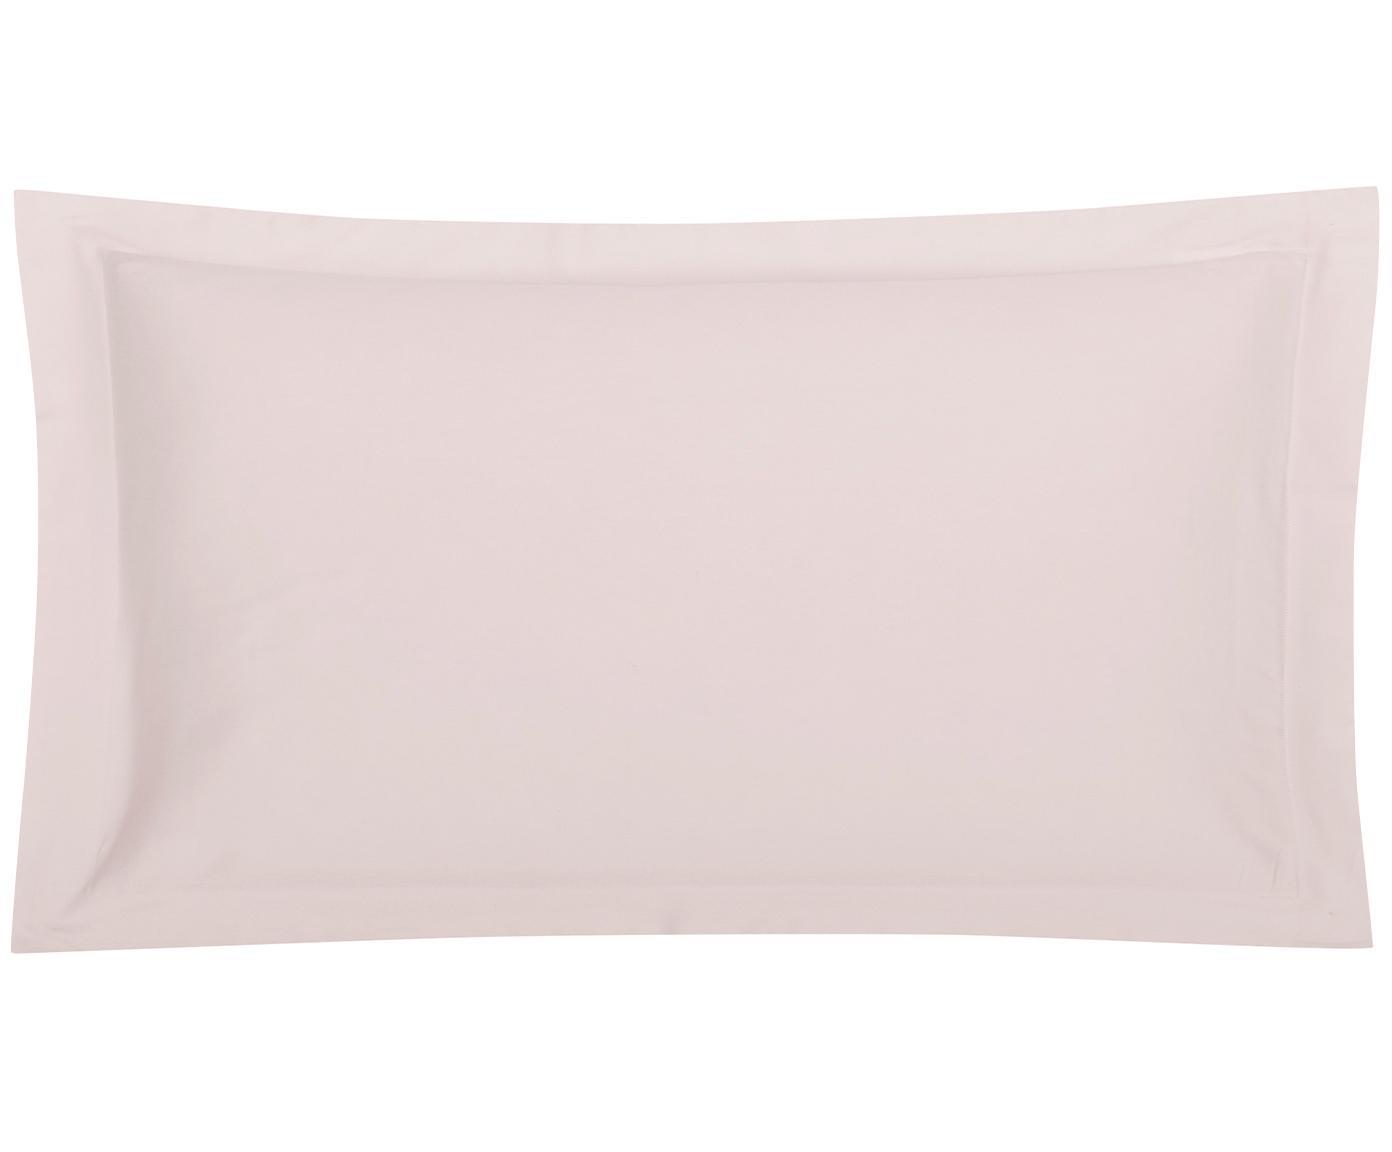 Funda de almohada de satén Premium, Rosa, An 45 x L 85 cm